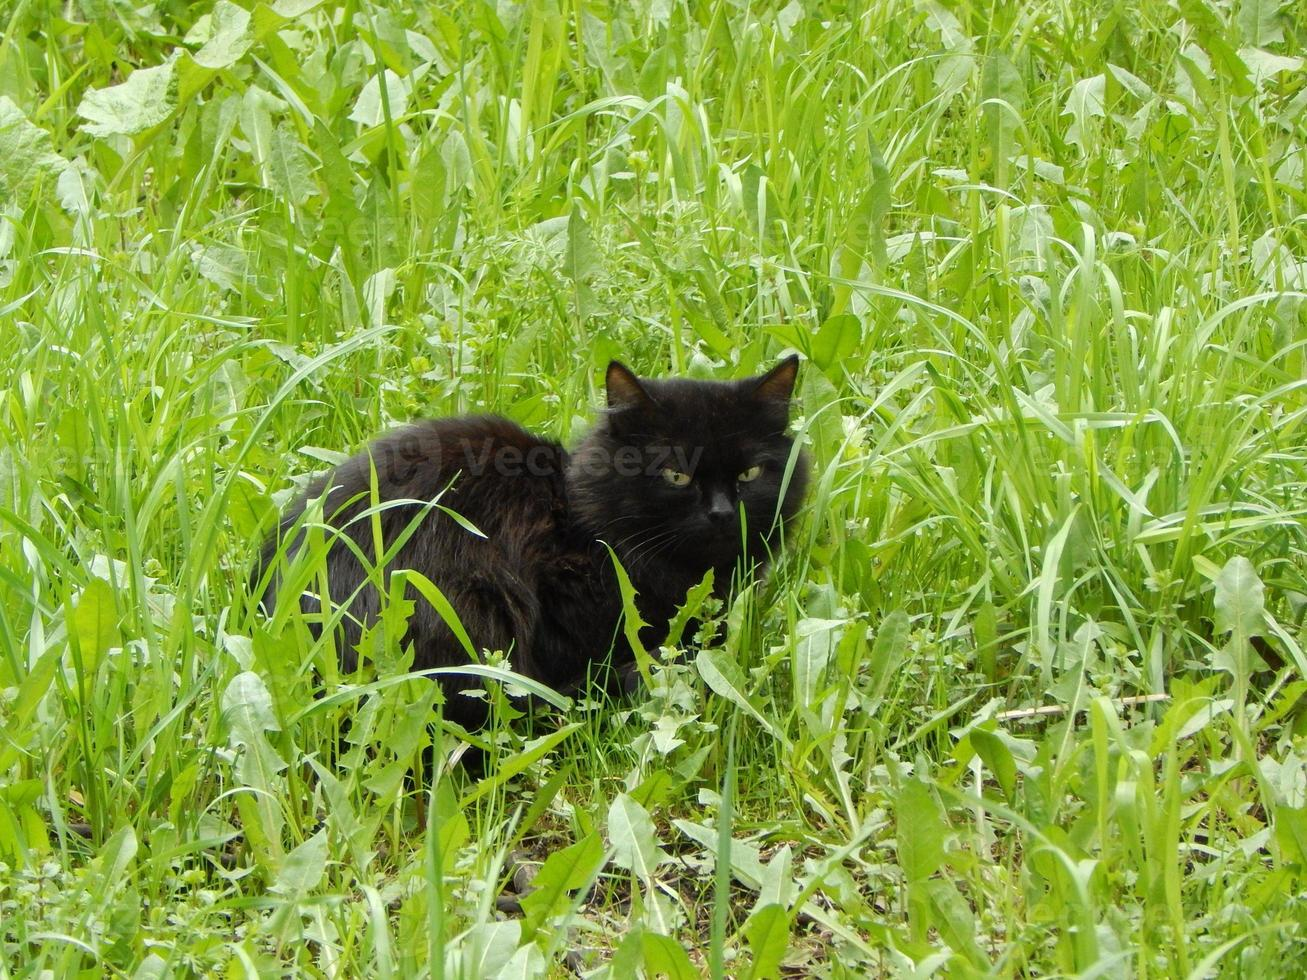 gatto nero che si nasconde nell'erba verde. foto